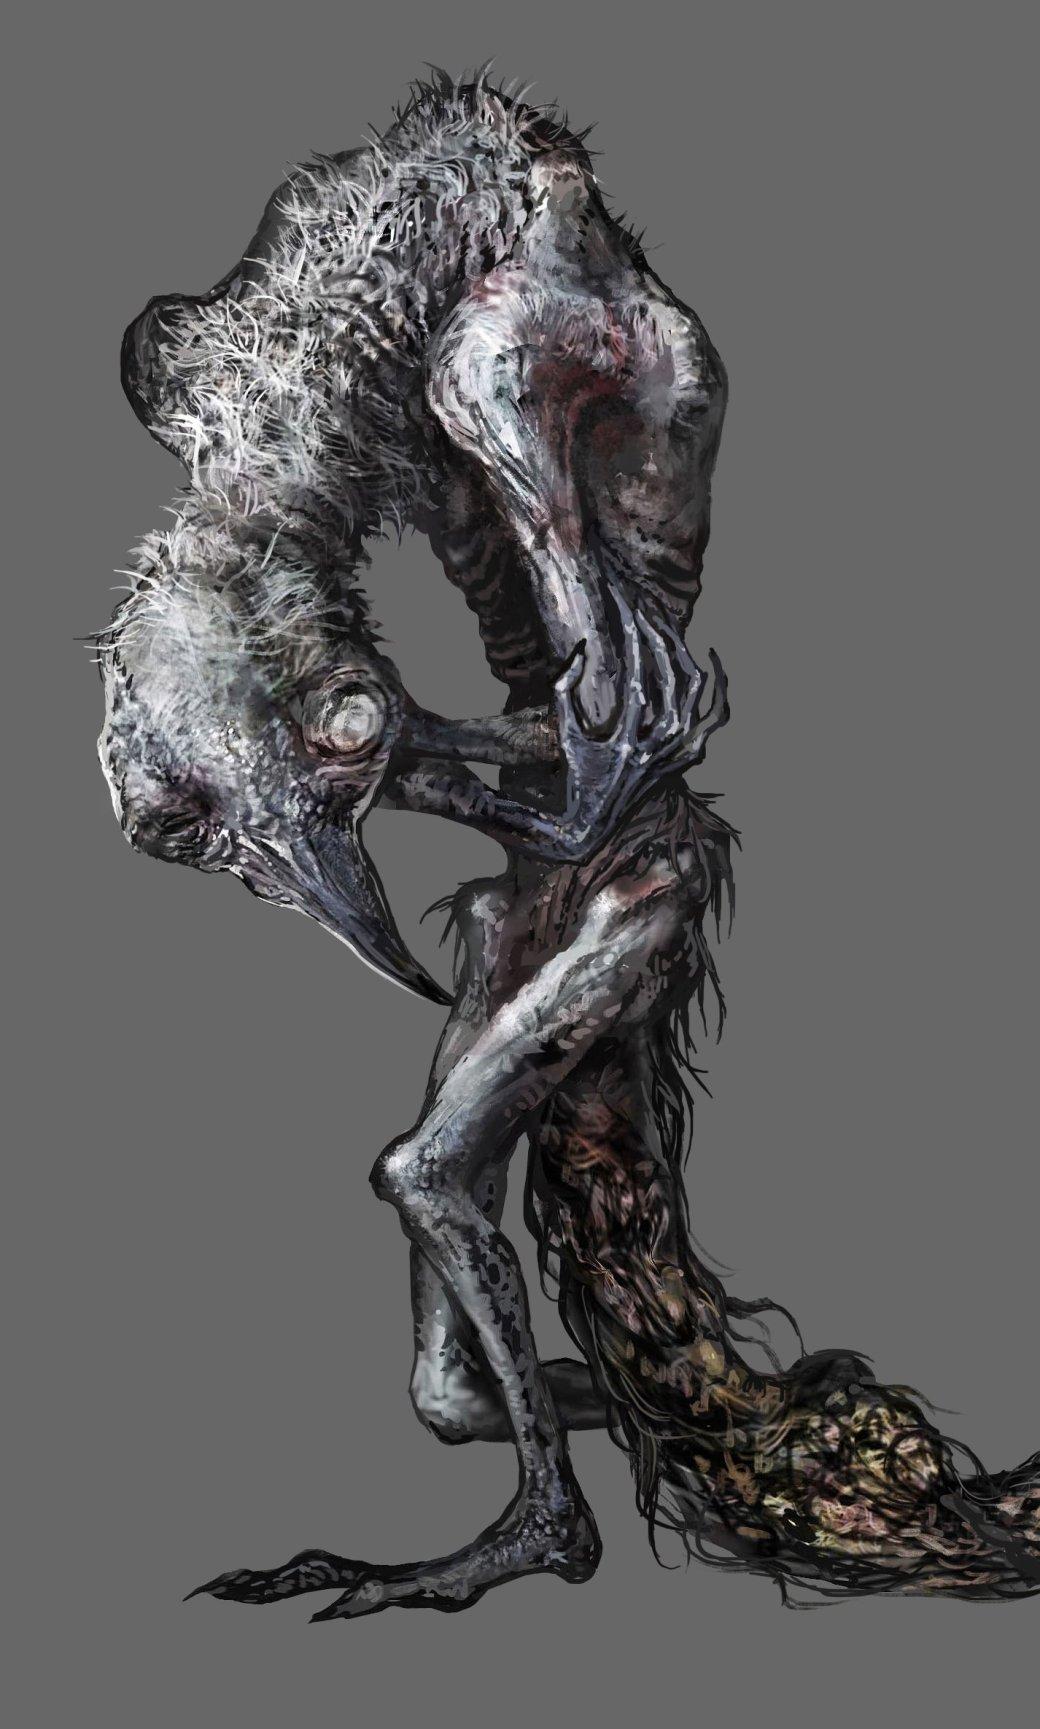 Рецензия на Dark Souls 3: Ashes of Ariandel. Обзор игры - Изображение 4